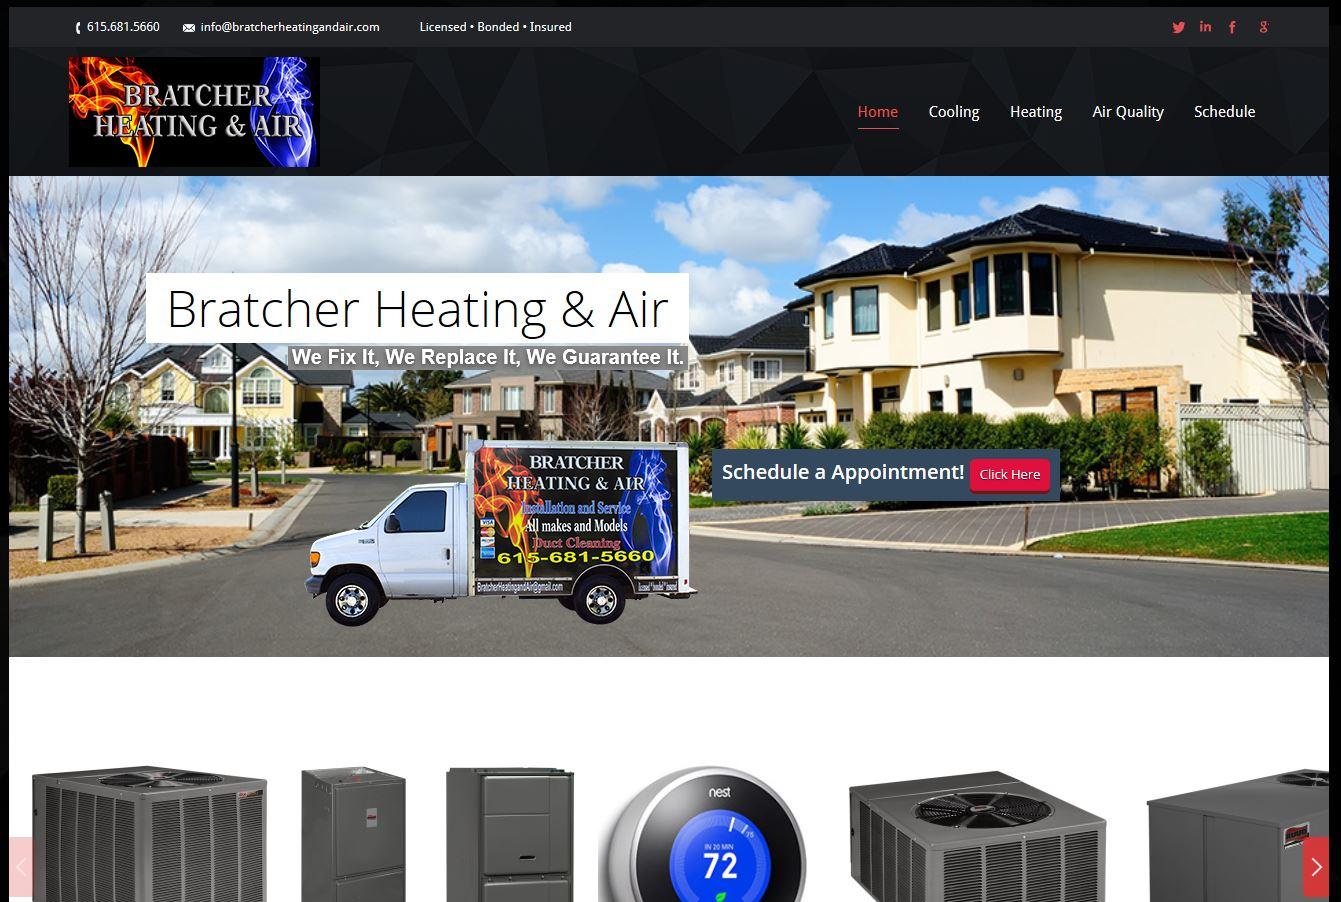 Bratcher Heating & Air Website